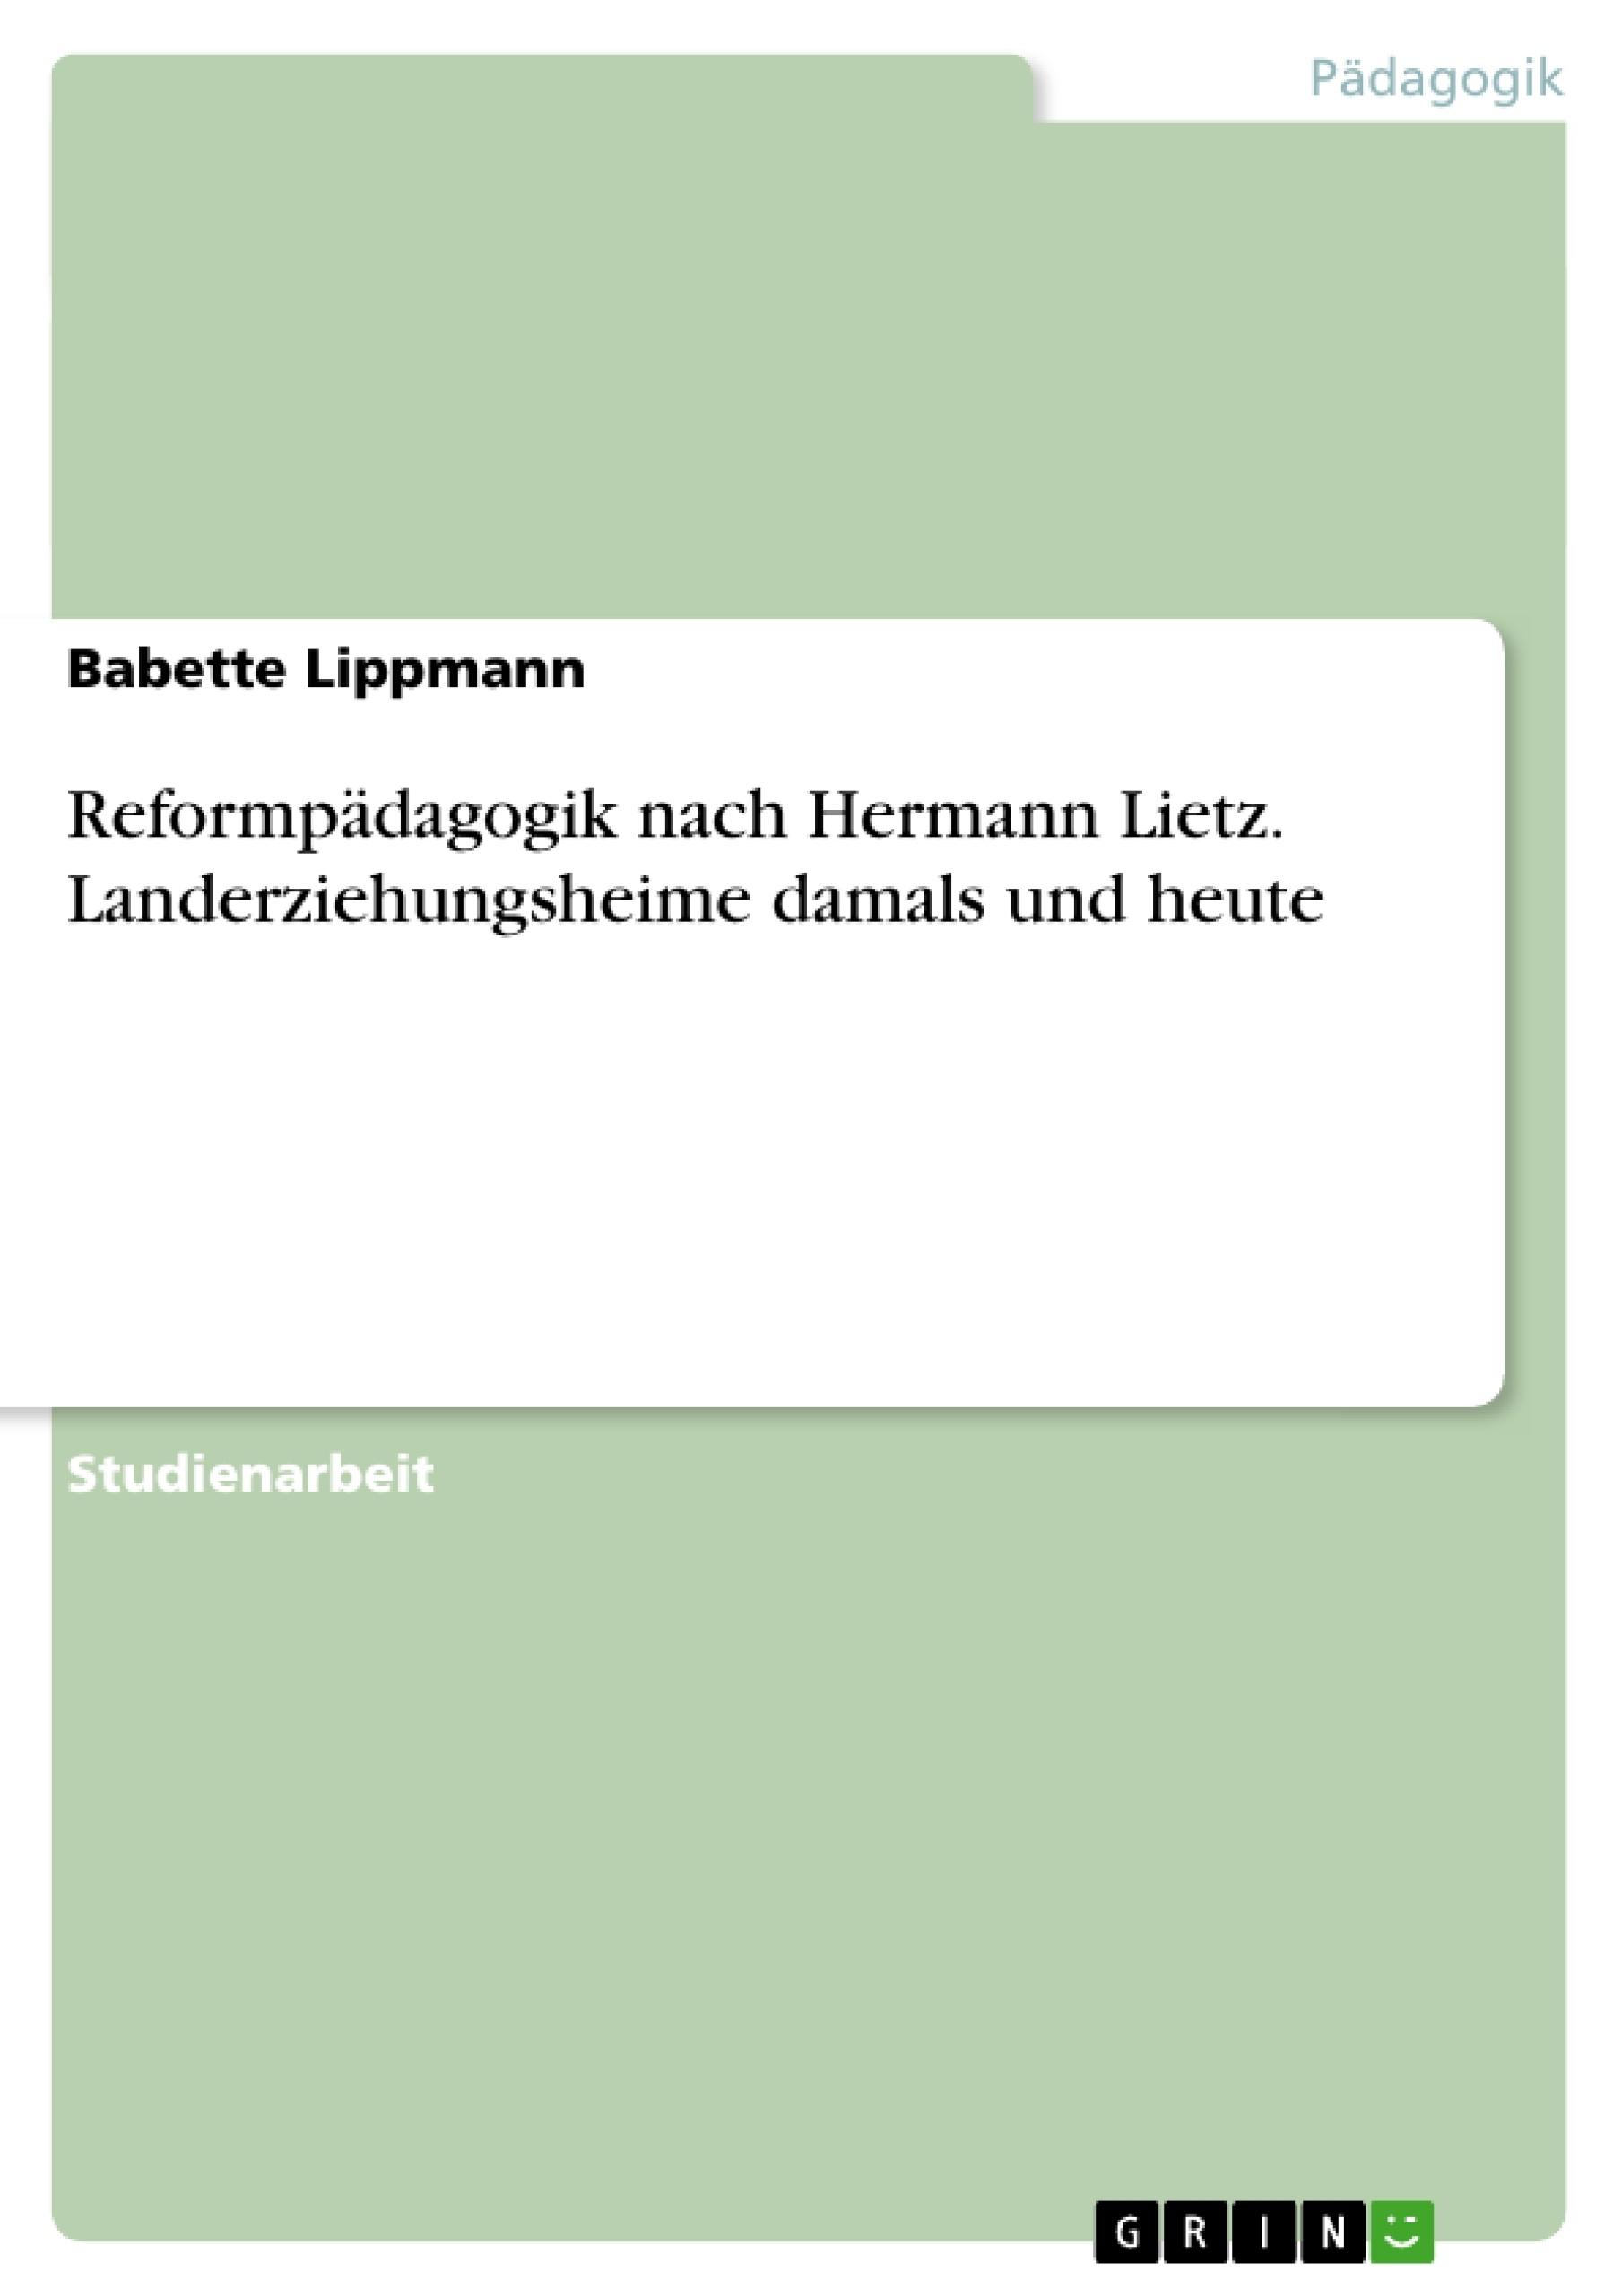 Titel: Reformpädagogik nach Hermann Lietz. Landerziehungsheime damals und heute